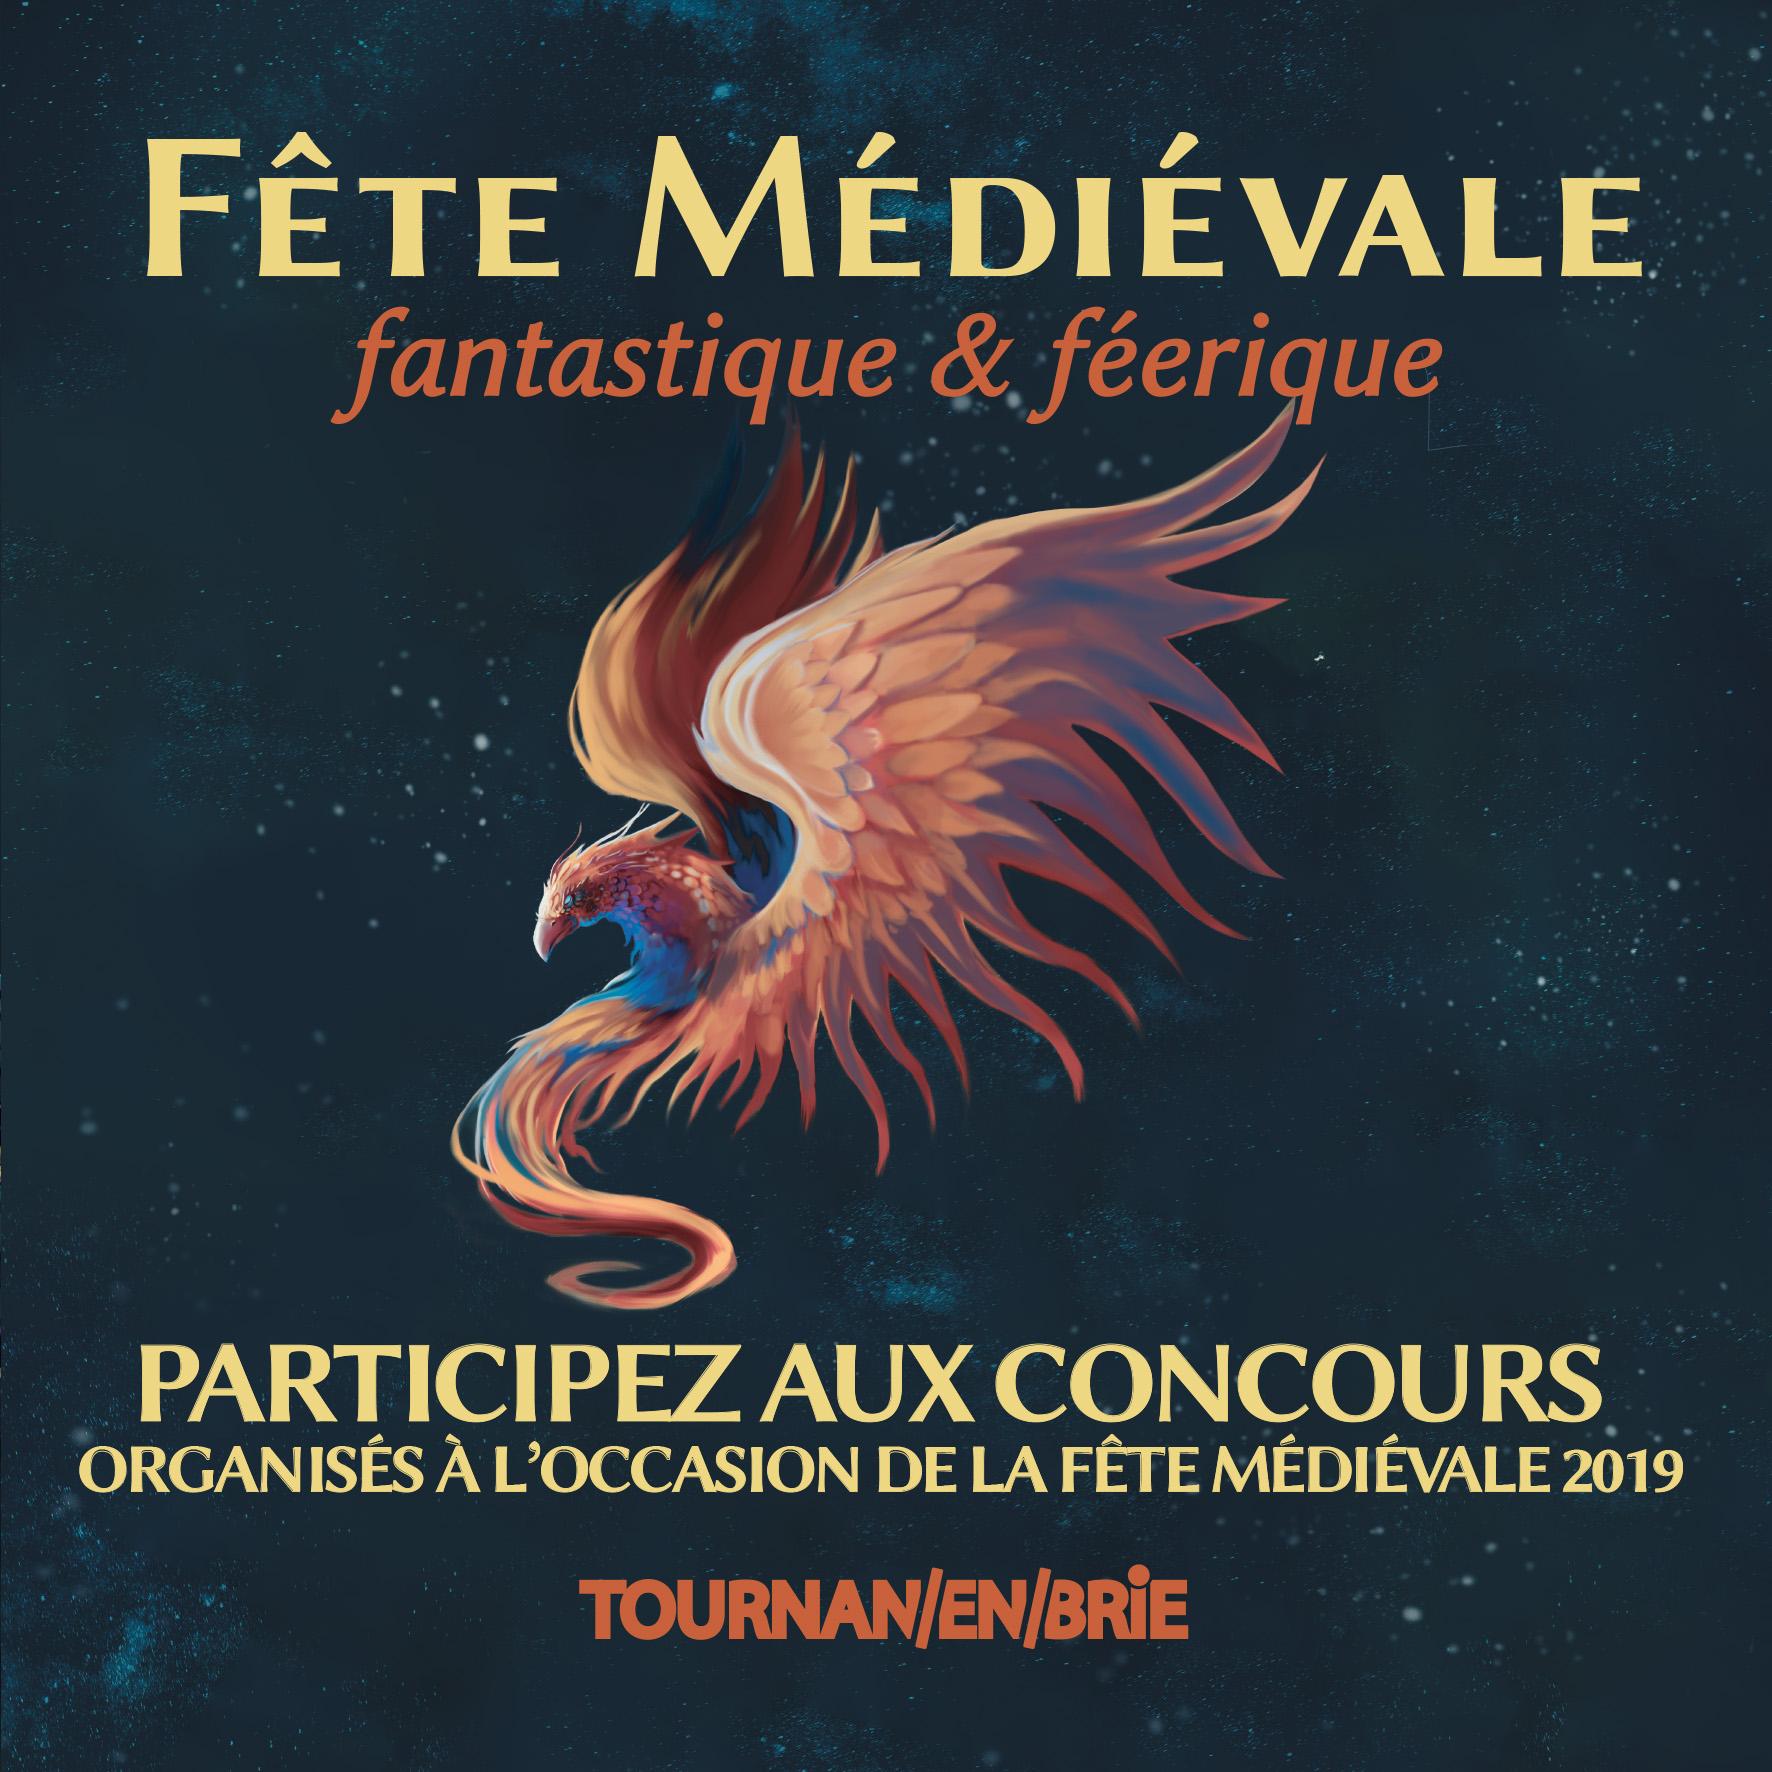 Les concours de la FMFF